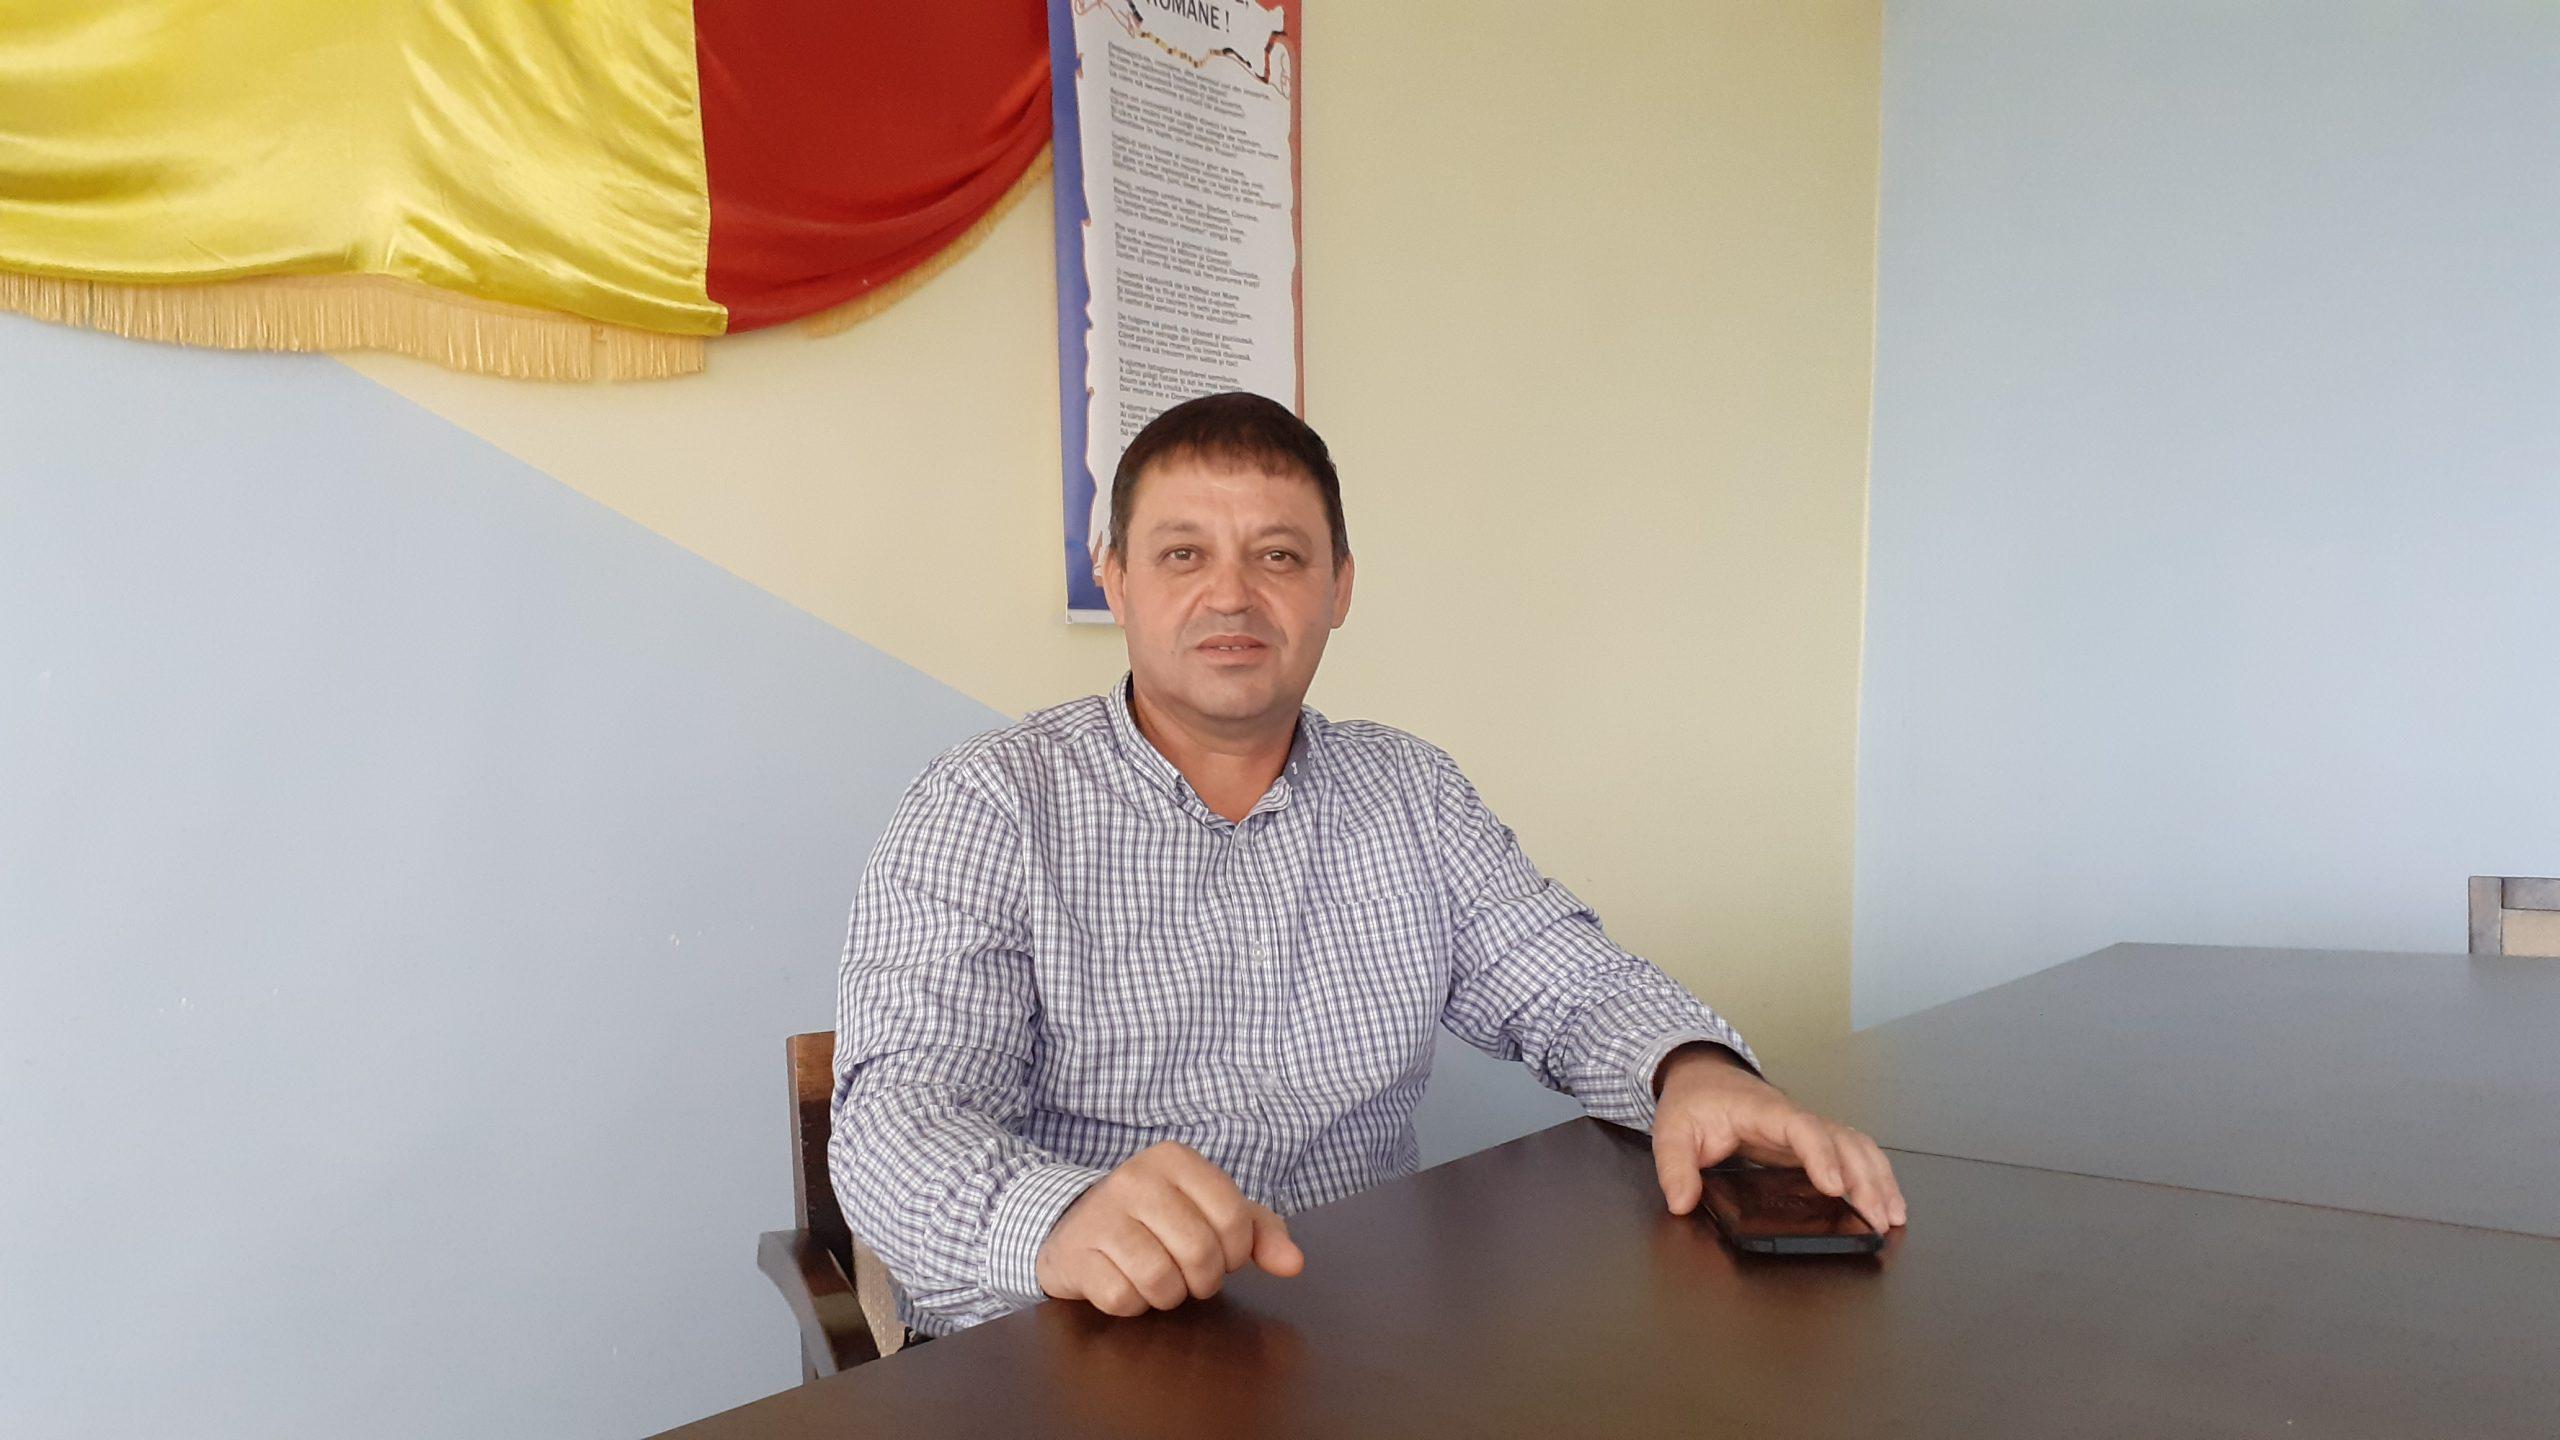 """Landor Moşteanu: """"Orice metru de asfalt este binevenit pentru comunitatea noastră"""""""